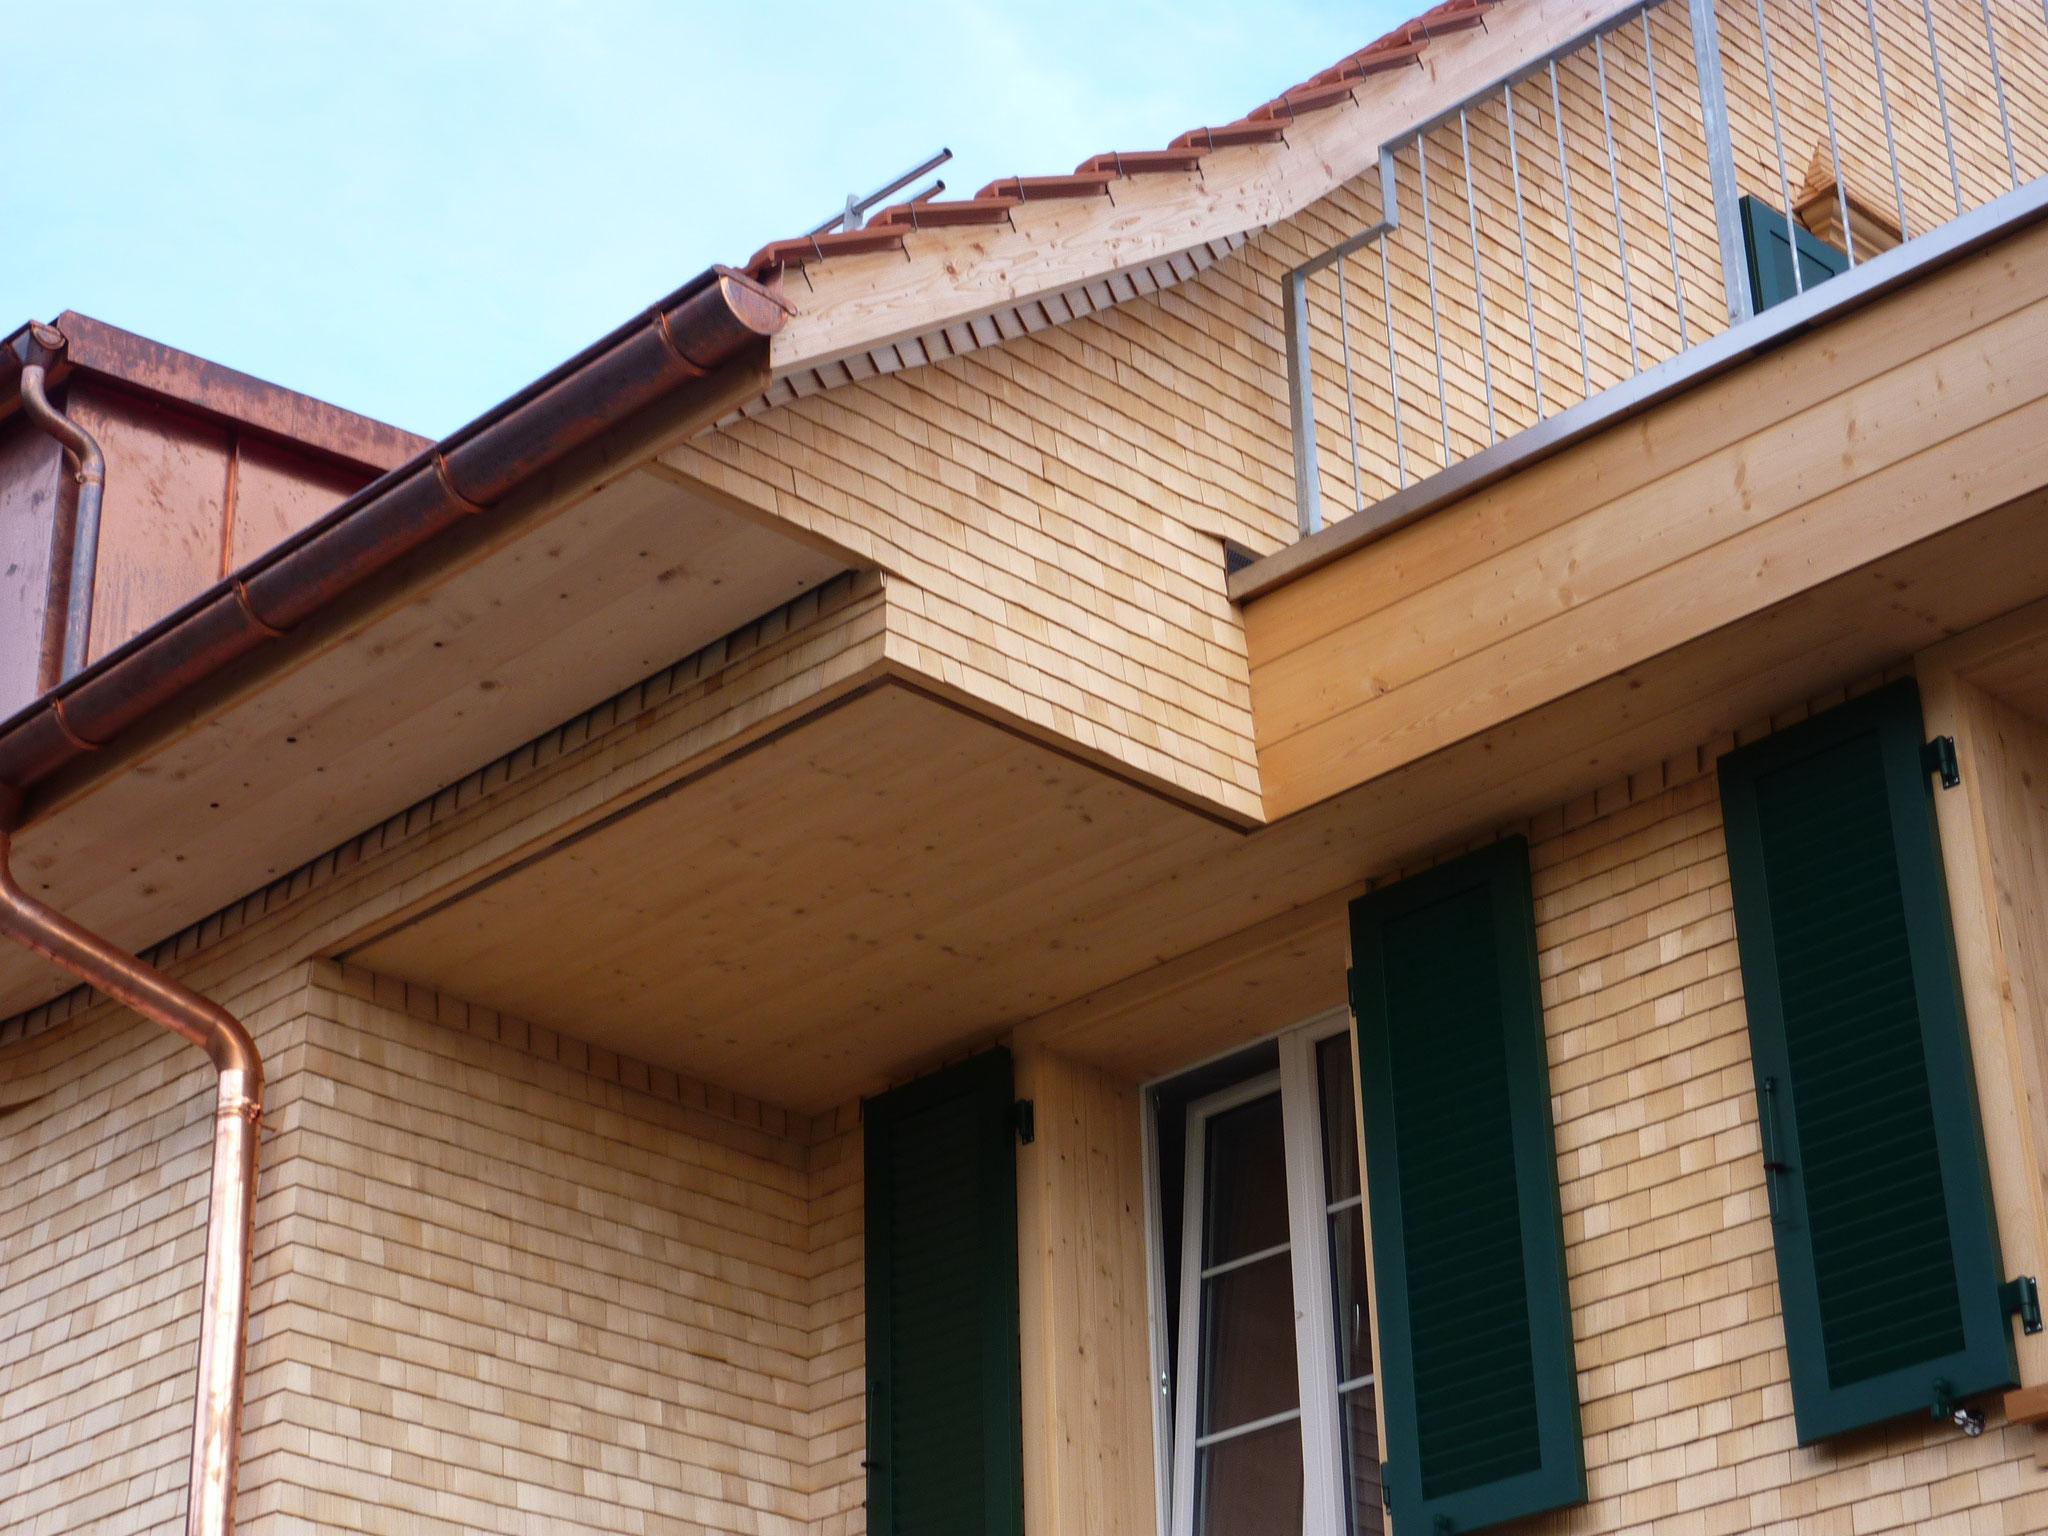 Detailansicht Schindelfassade